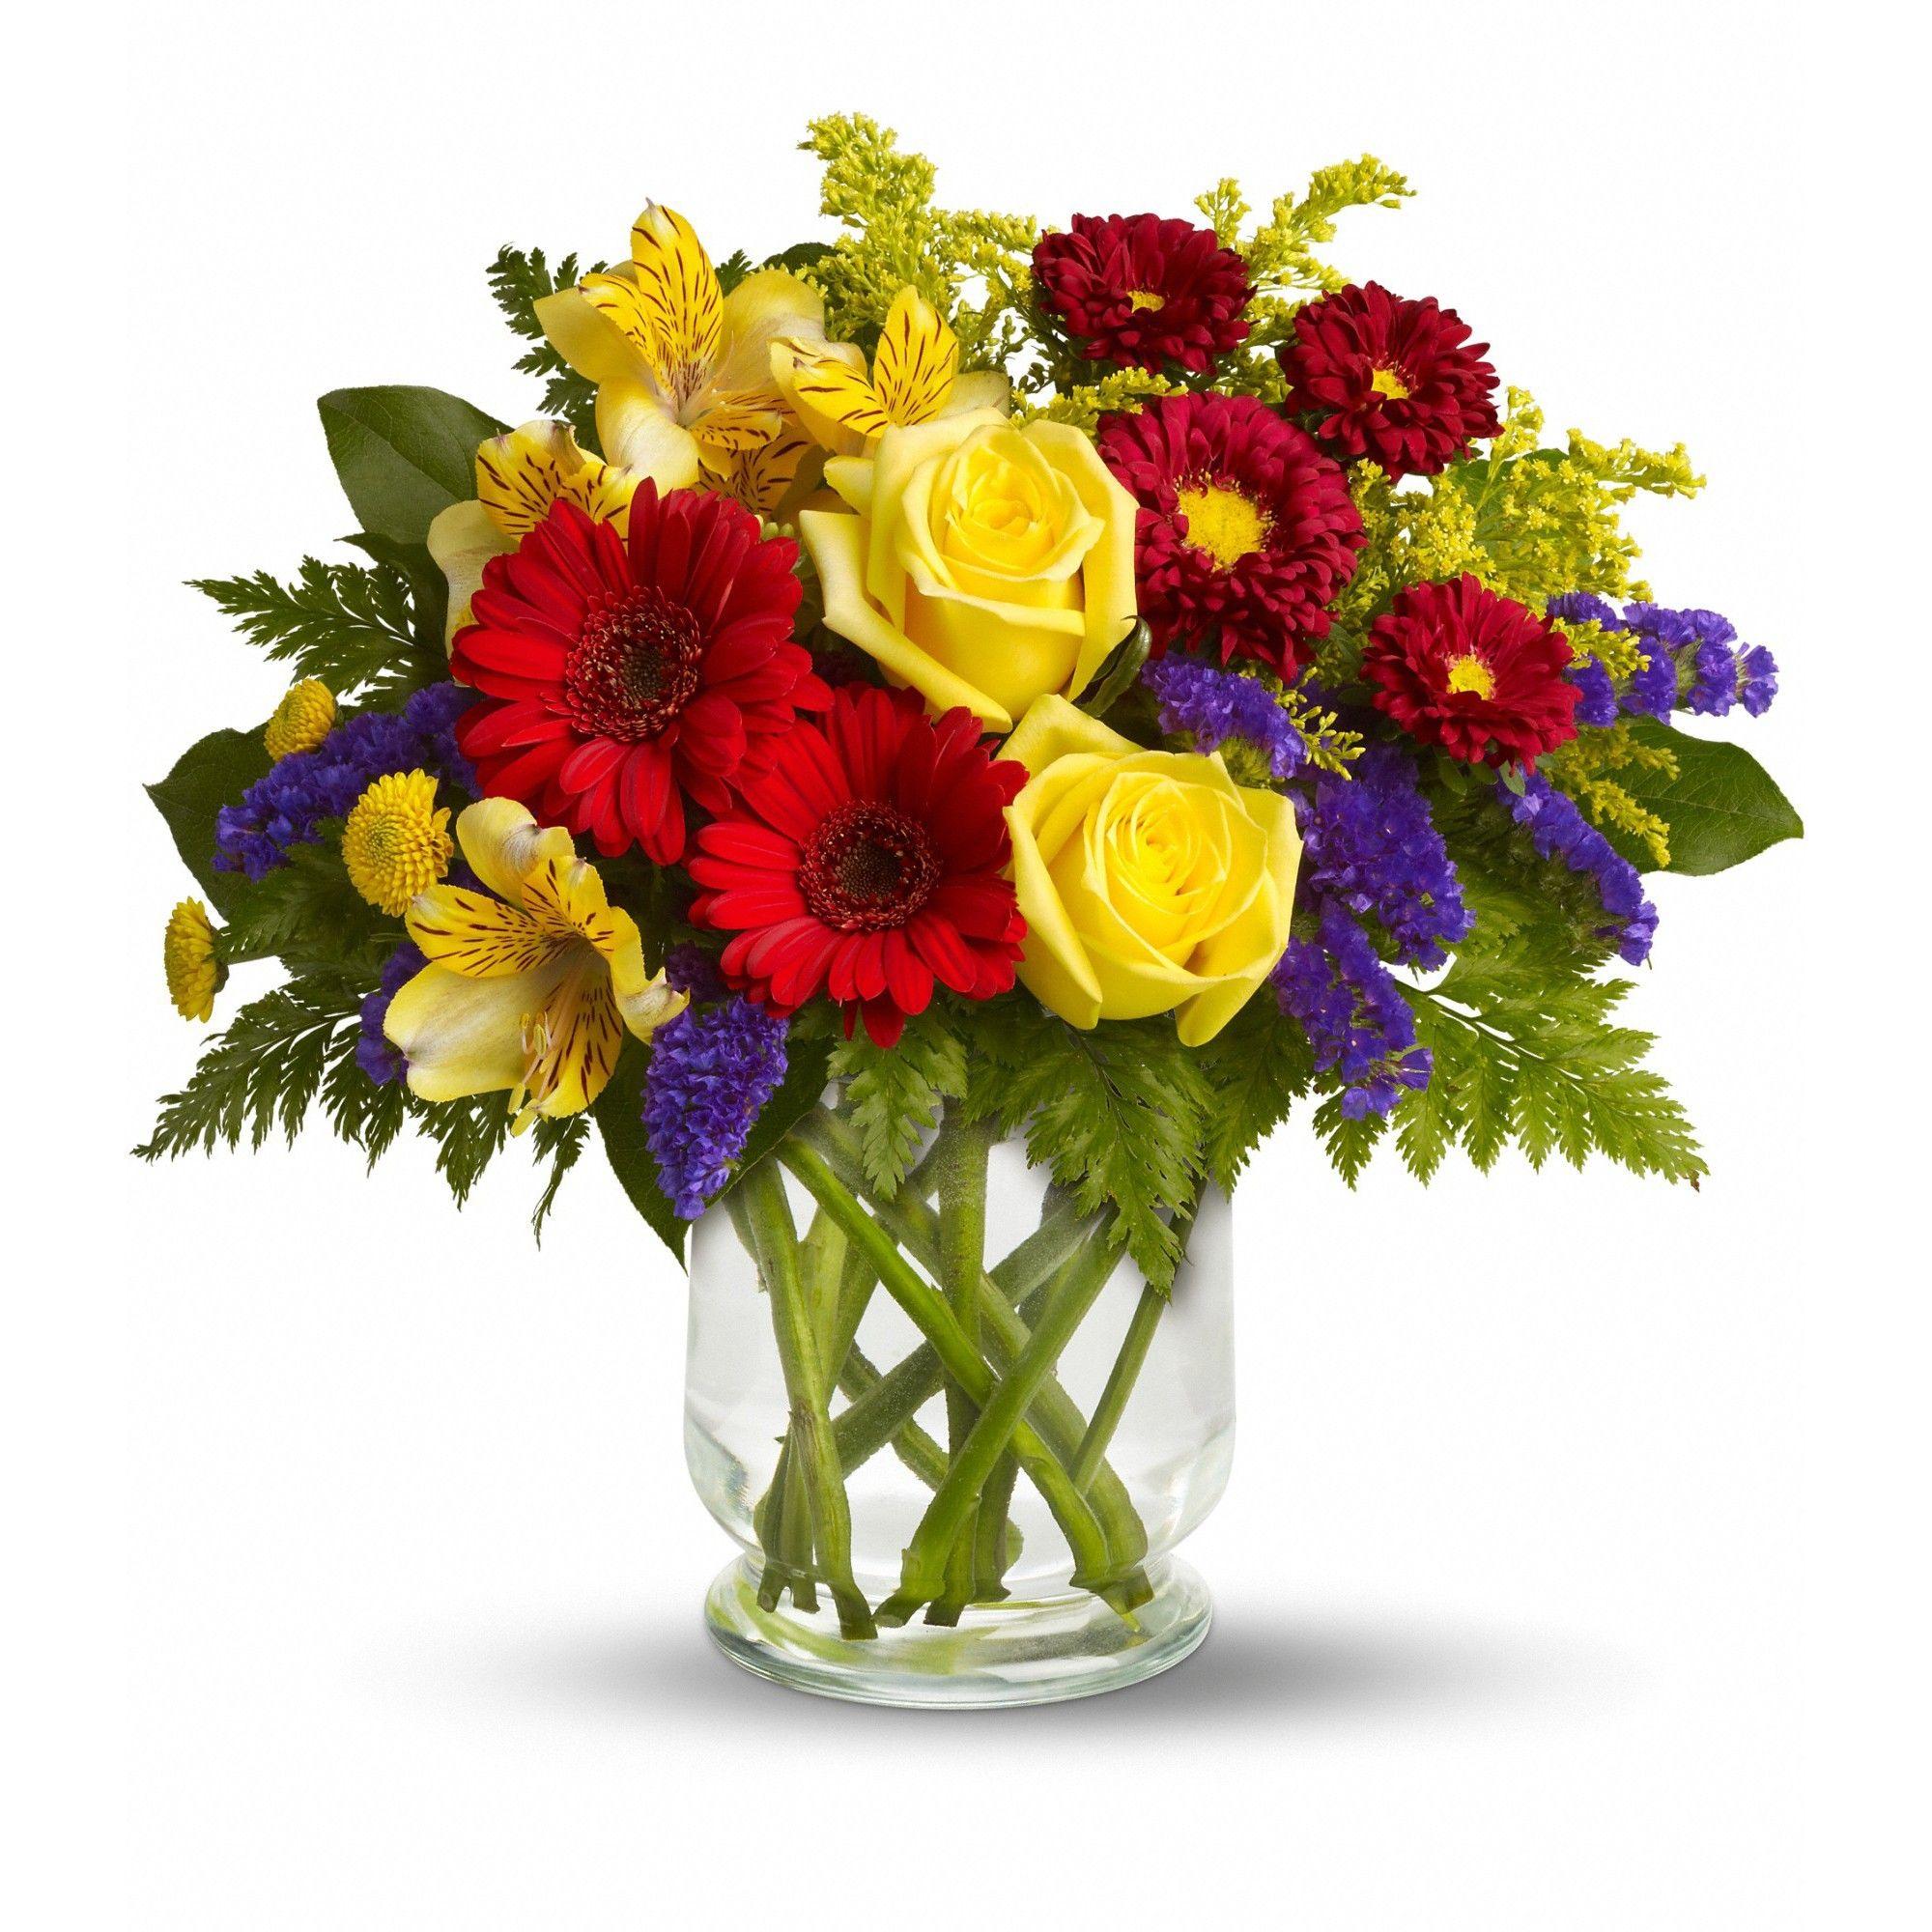 12 beautiful flower bouquets 12 gyönyörű virágcsokor